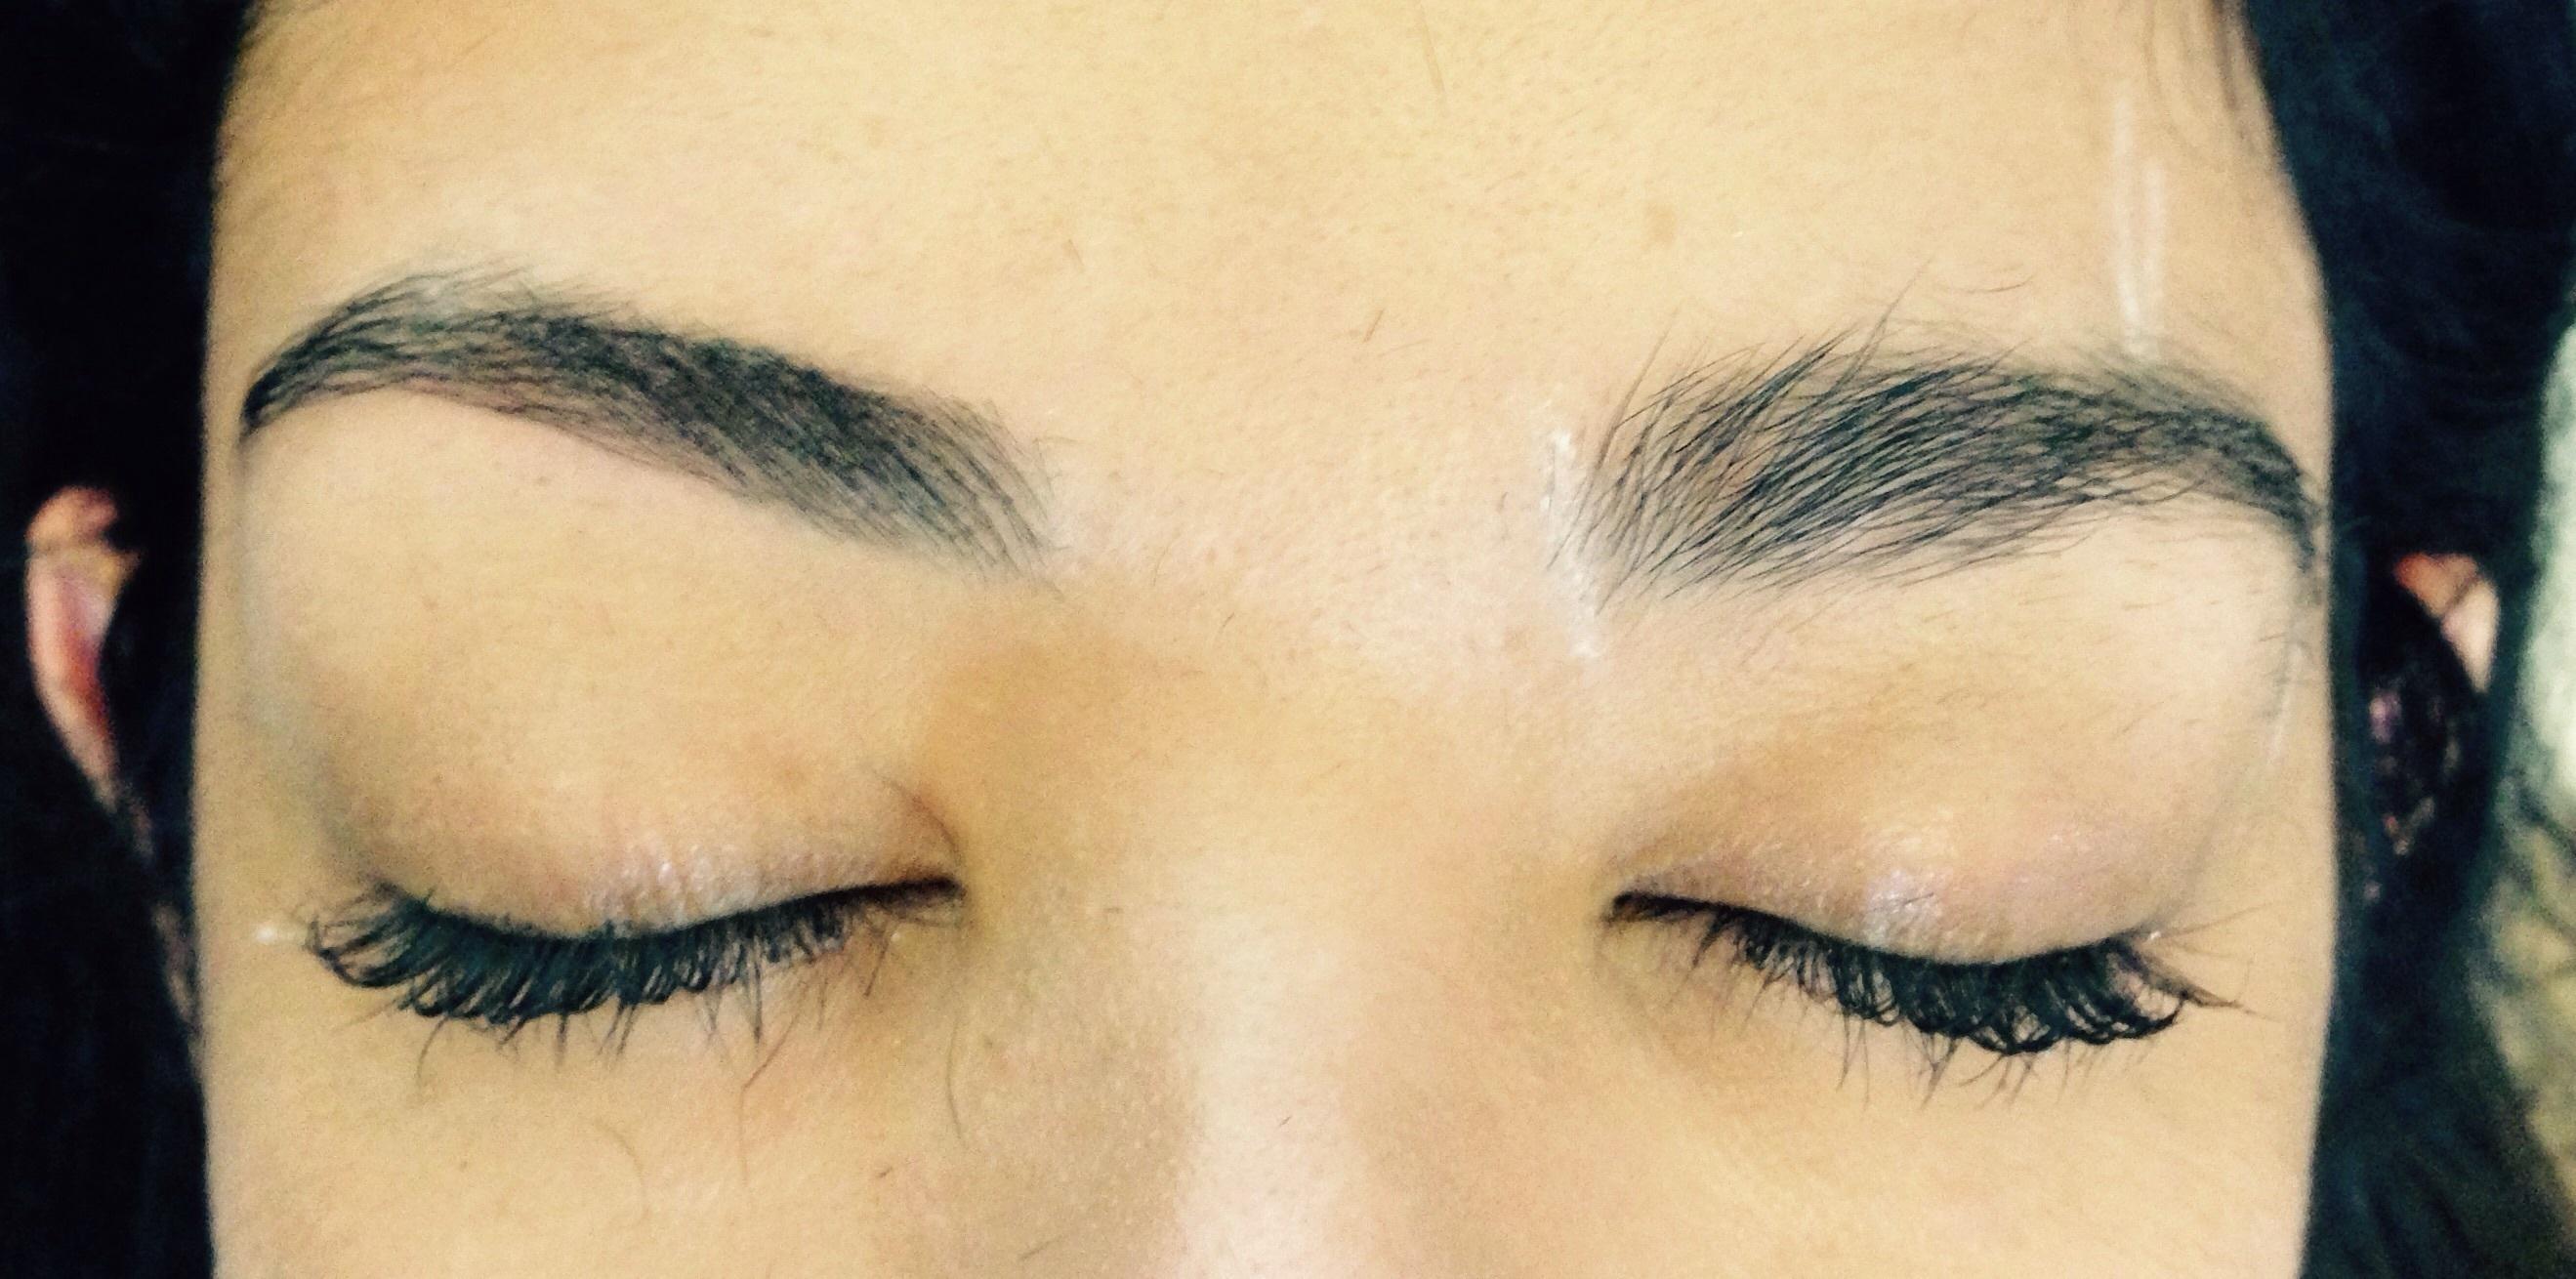 Designer de sobrancelhas  Feito somente com pinça. micropigmentador(a) designer de sobrancelhas maquiador(a)